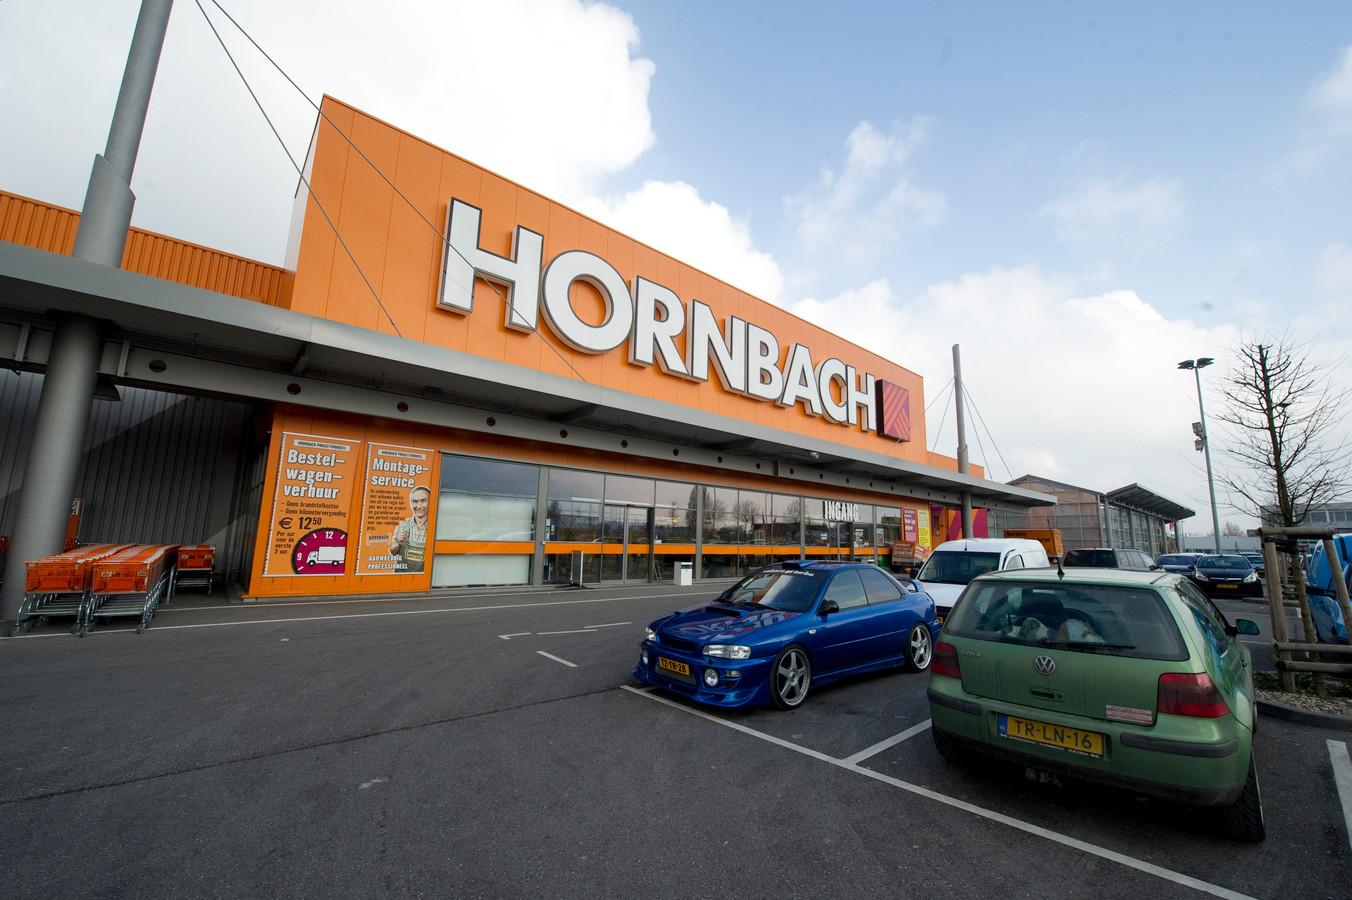 Hornbach heeft al diverse vestigingen in Nederland, zoals deze in Breda.